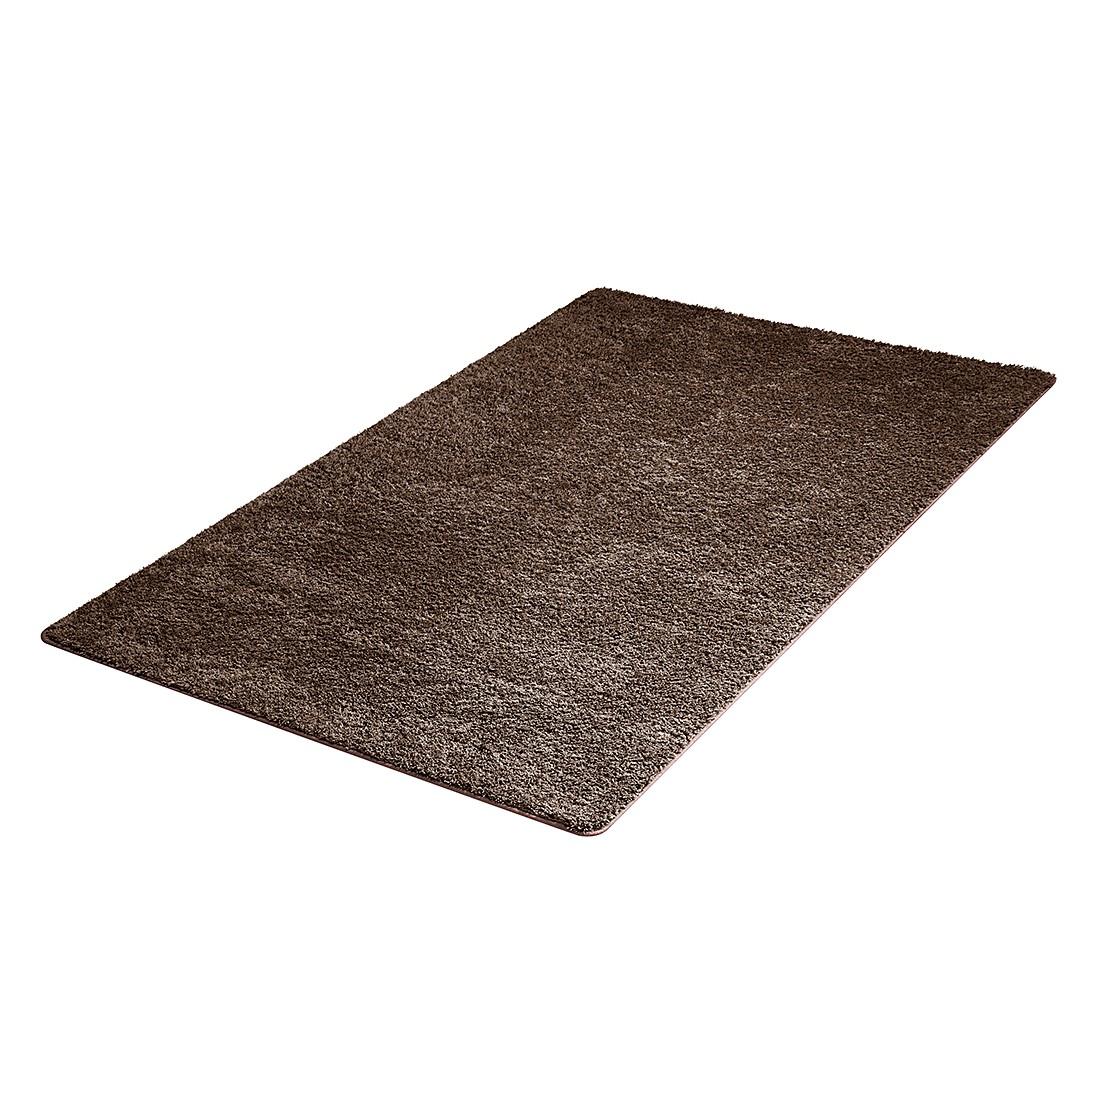 Teppich Noblesse Classic – Braun – 170 x 230 cm, DEKOWE günstig